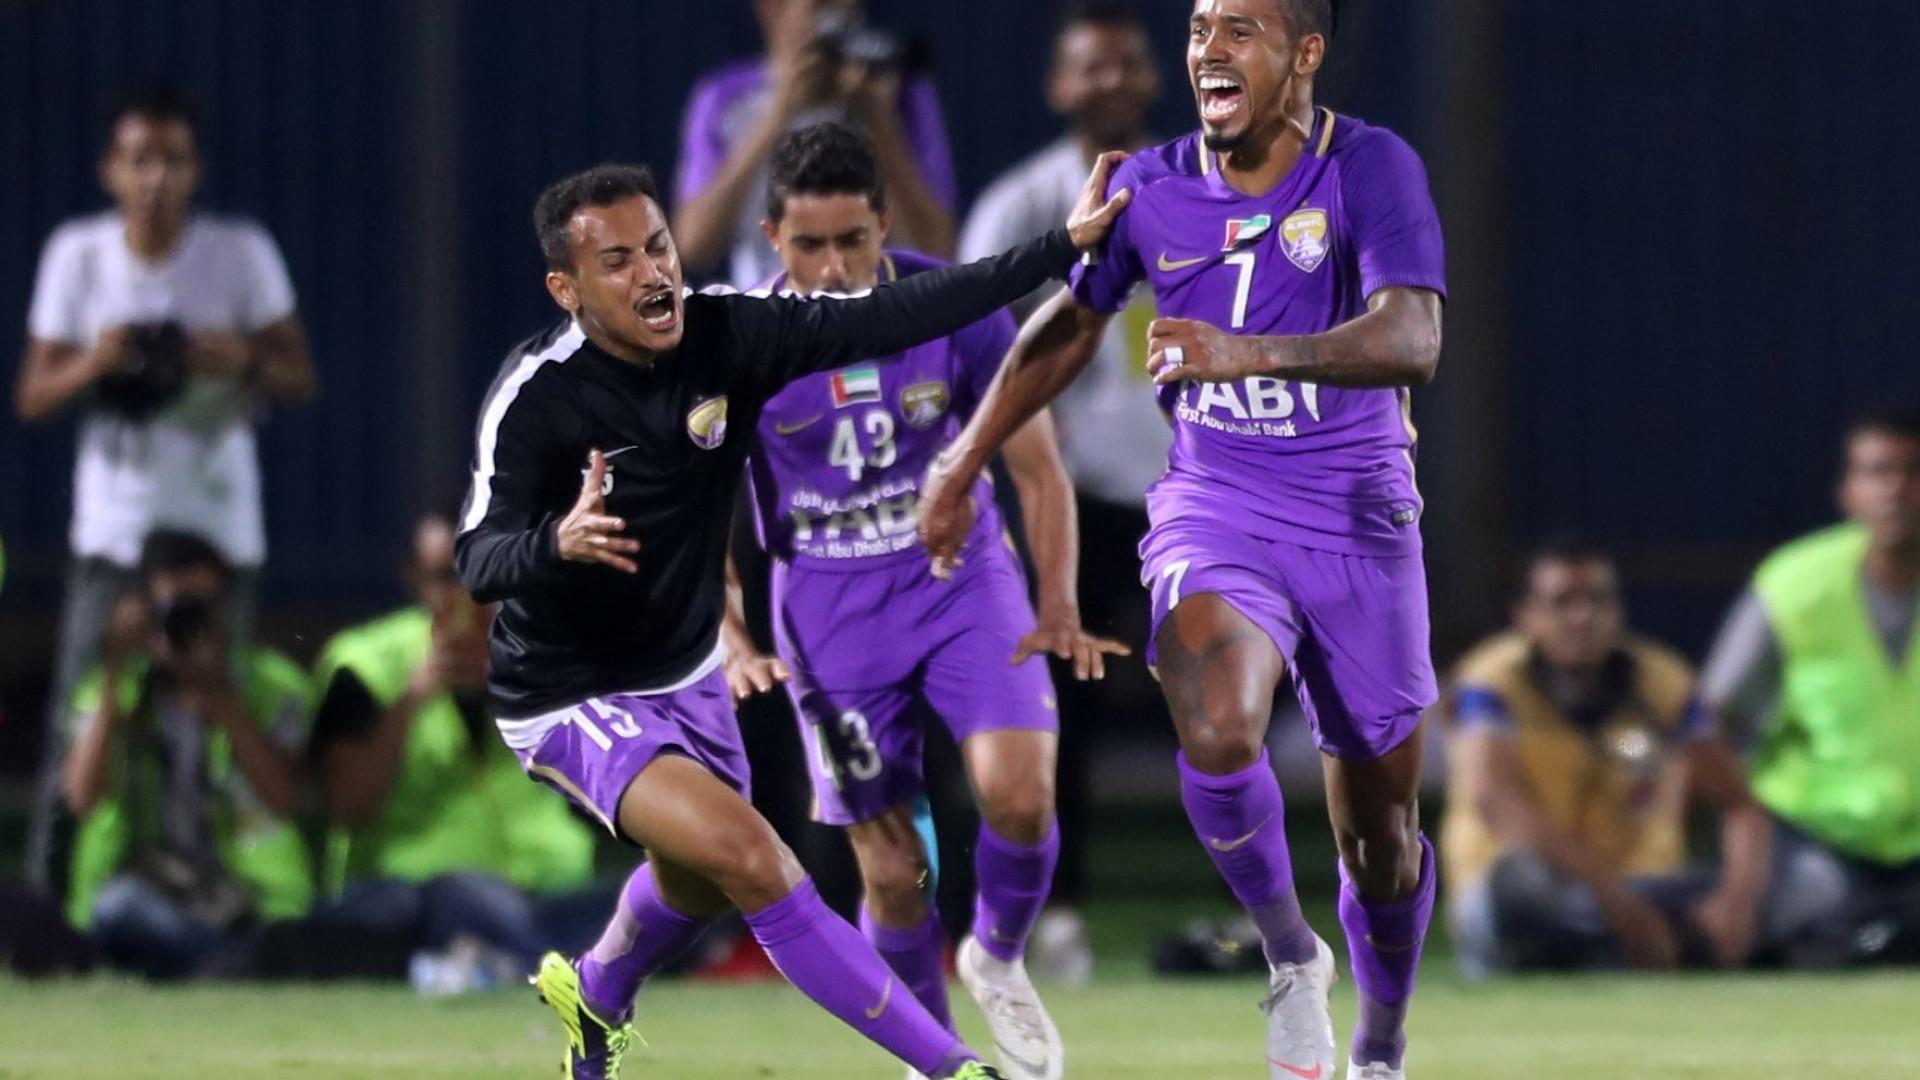 Dragão quer reforçar frente de ataque com brasileiro do Al Ain